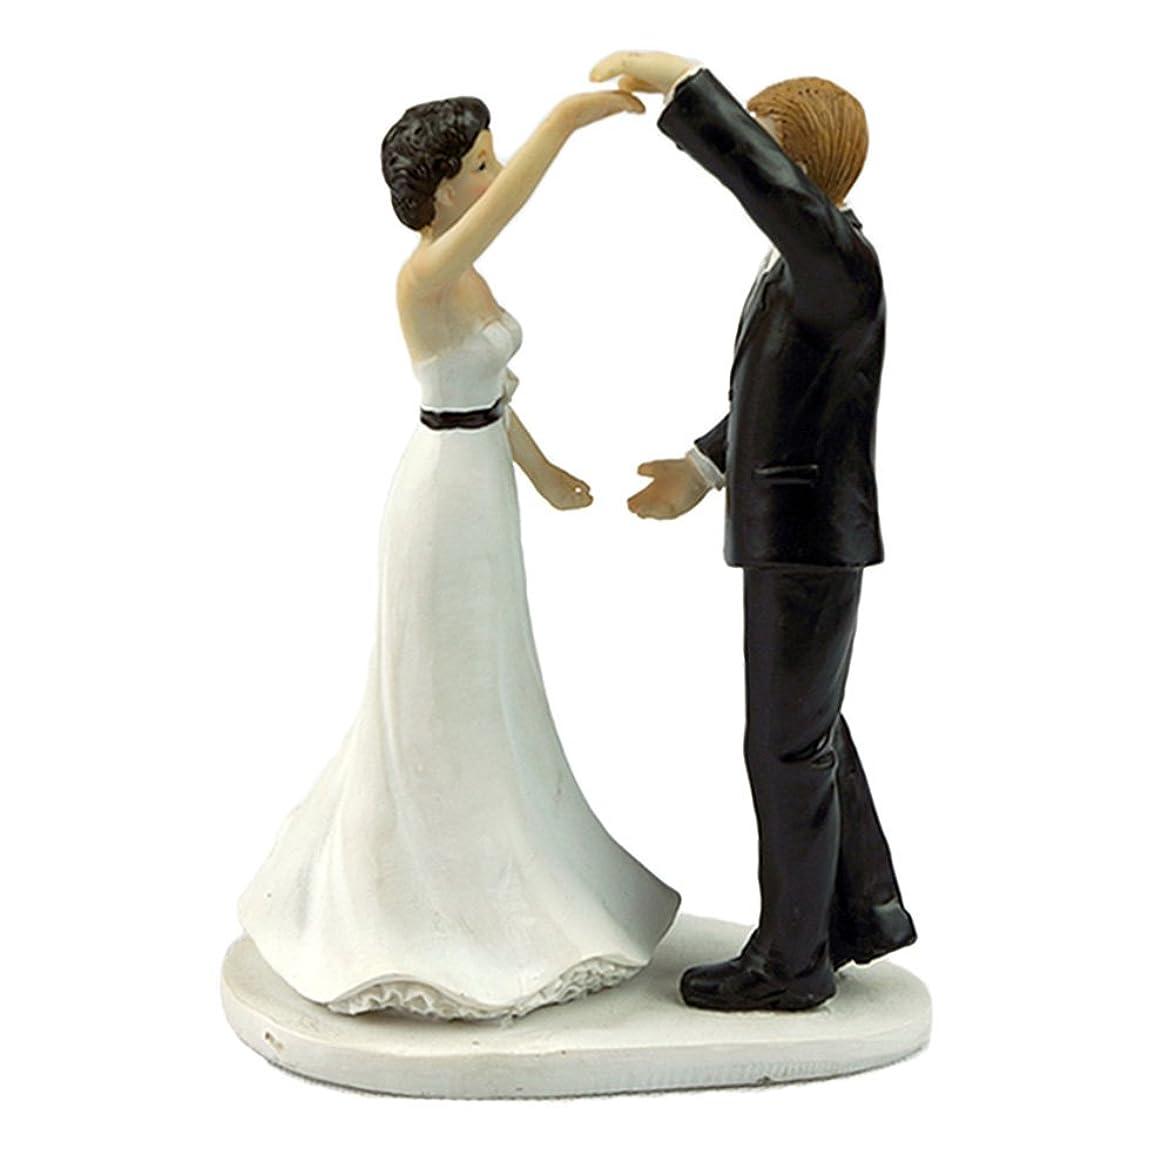 愚かなご予約ベッドPoprain ケーキトッパー ウエディング ロマンチック ケーキ飾る用品 超おもしろい ウェディング フィギュア 結婚式 周年記念 装飾 花嫁花婿 プロポーズ 誕生日パーティー ウェディングケーキ 20個デザイン 16 家庭用品